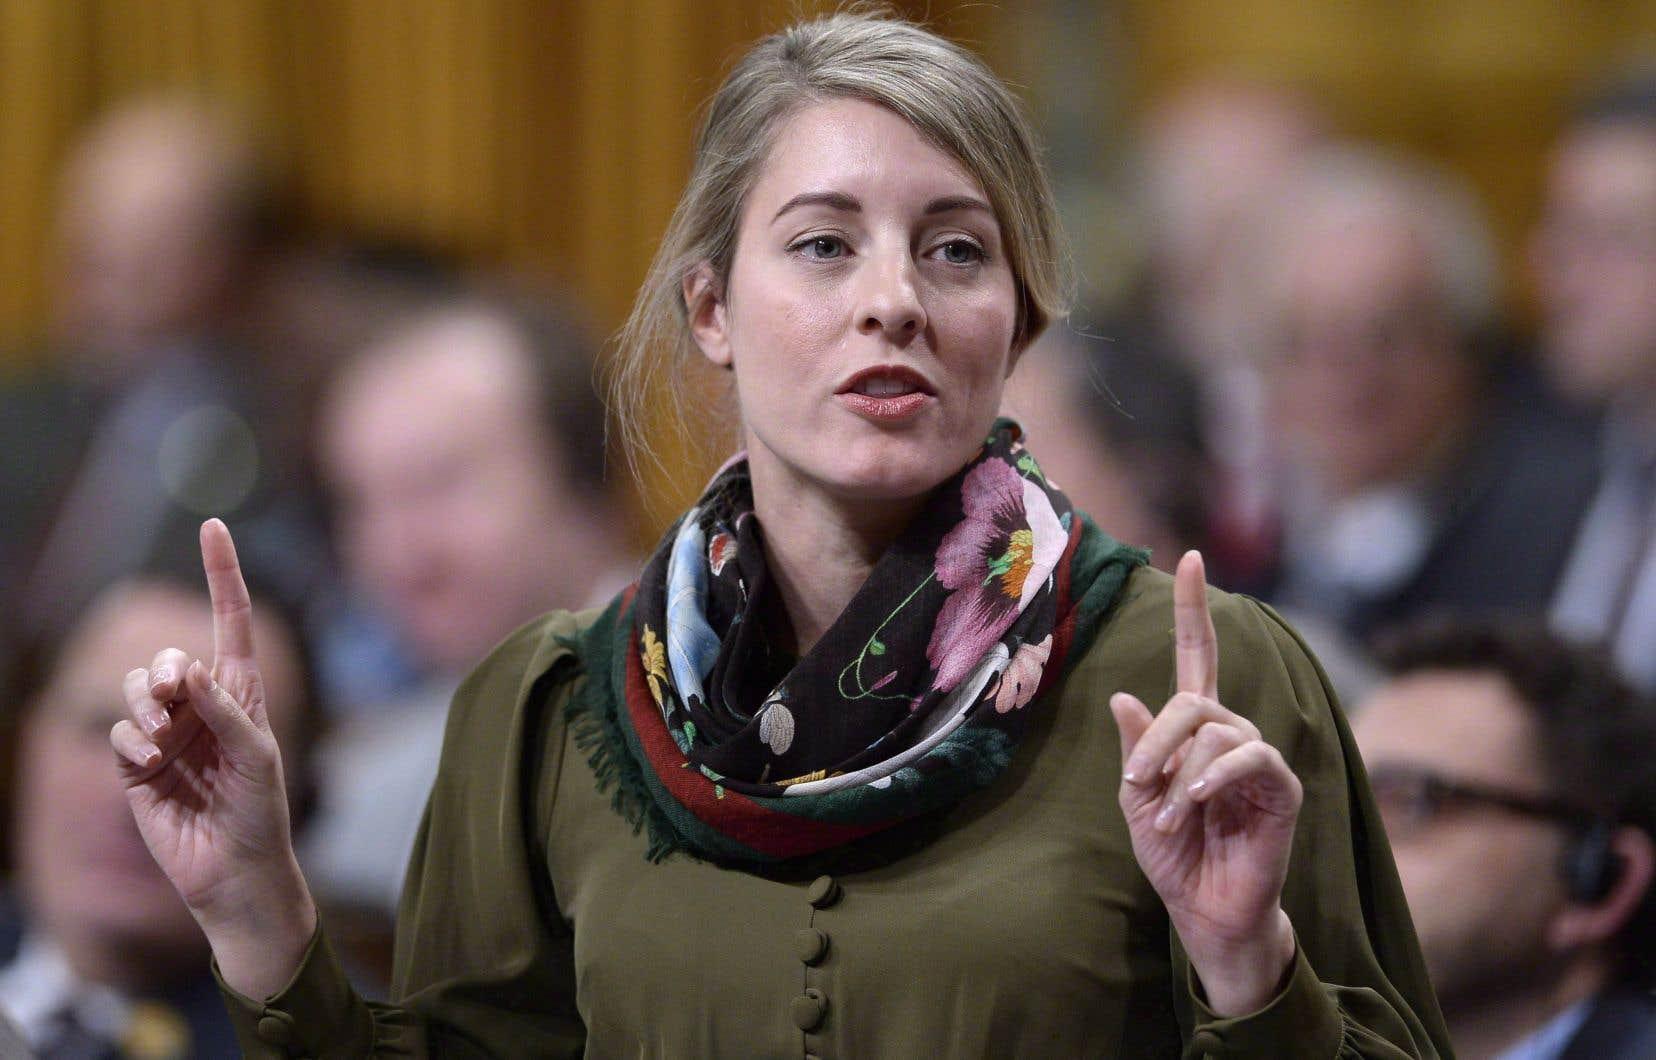 La mesure proposée par Ottawa s'appliquerait à environ 480000 travailleuses. La ministre Mélanie Joly pense qu'il ne faut pas s'arrêter en si bon chemin.